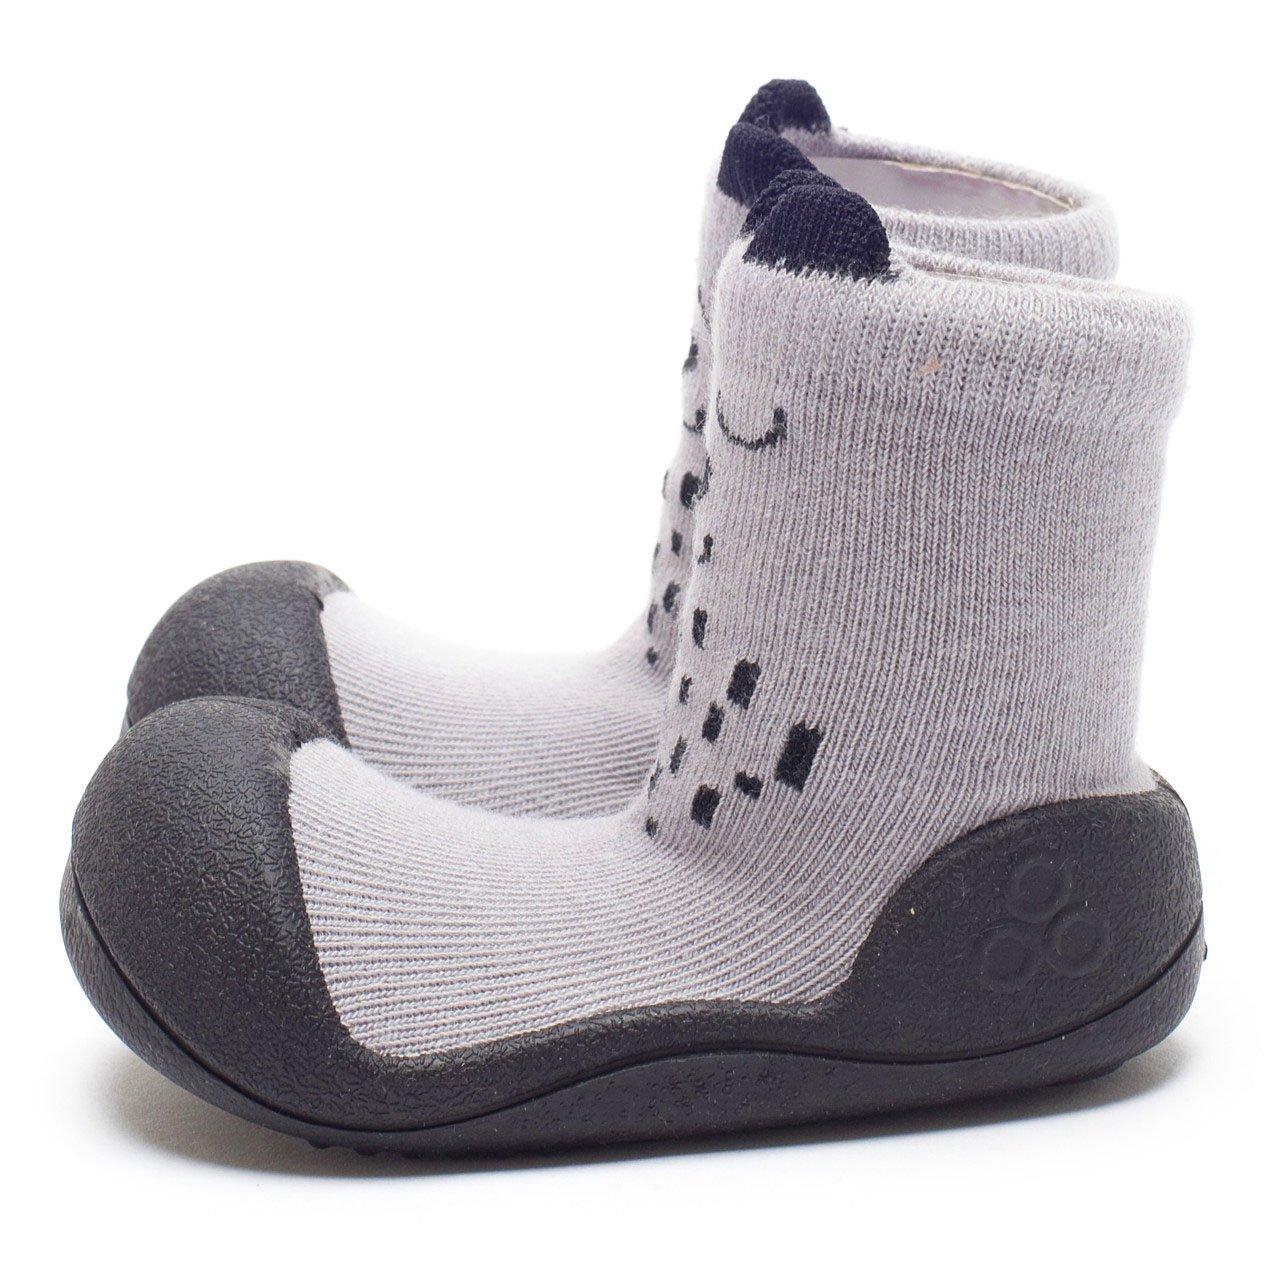 M 109-115mm Attipas A17C 20 EU Zapatos Primeros Pasos Cutie Gray Gris